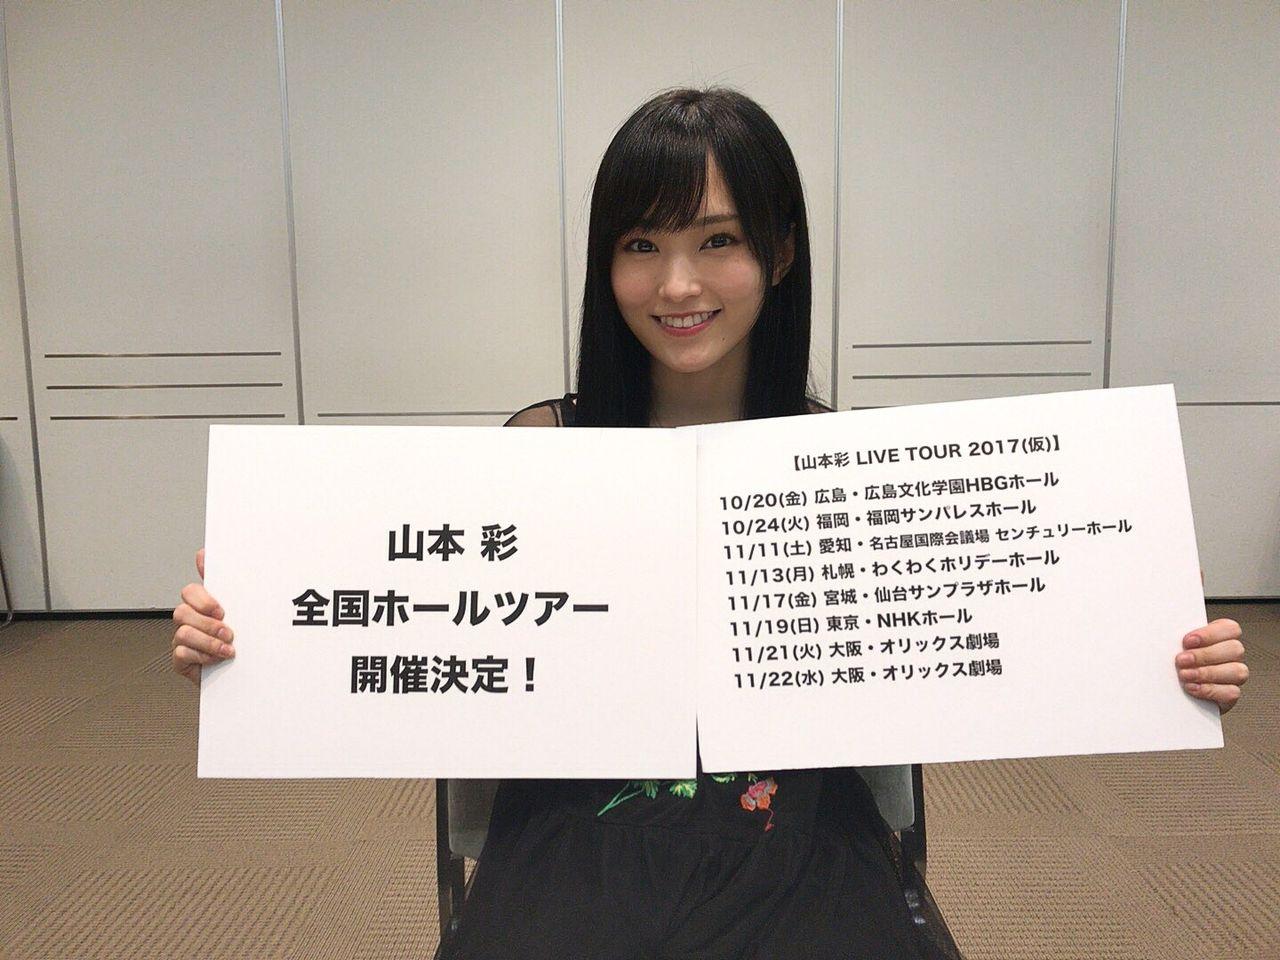 【NMB48】山本彩ソロツアー2017キタ━━━━(゚∀゚)━━━━!!